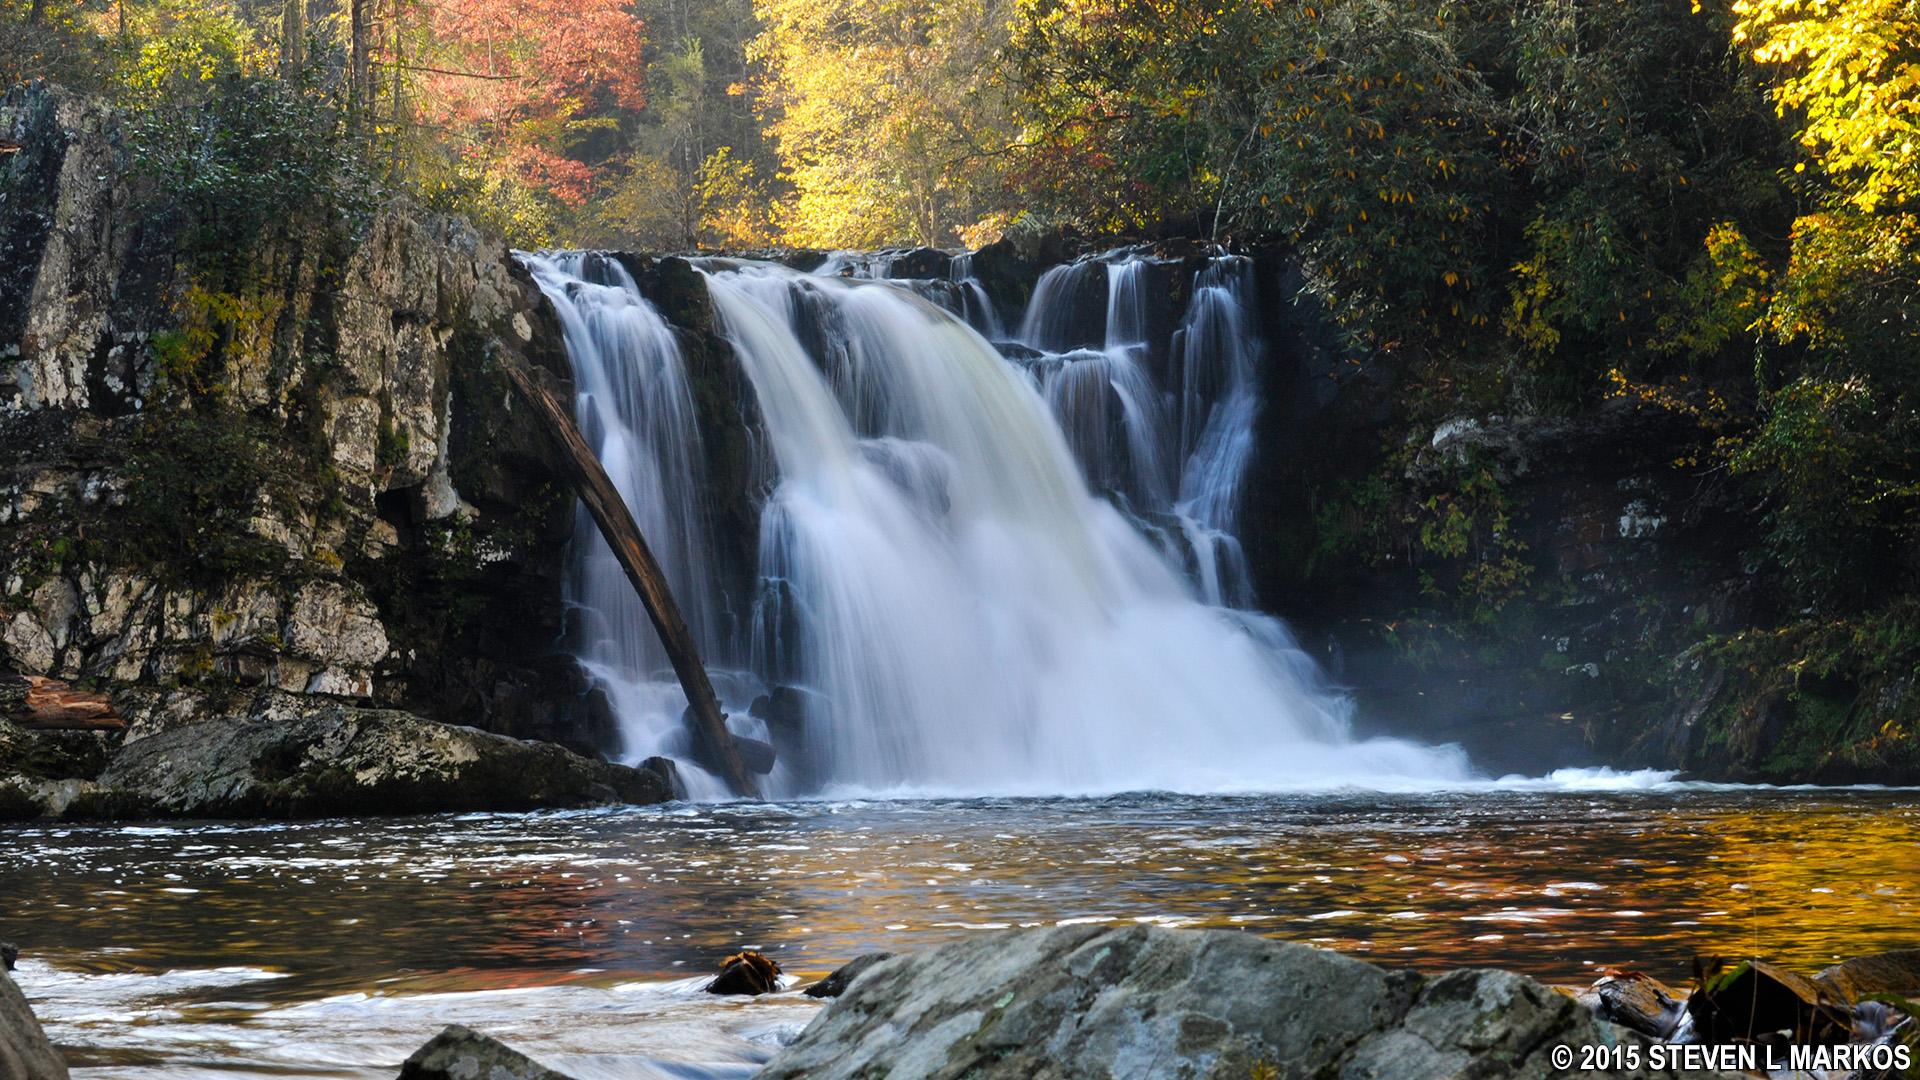 Top 4 Waterfalls in the Smokies